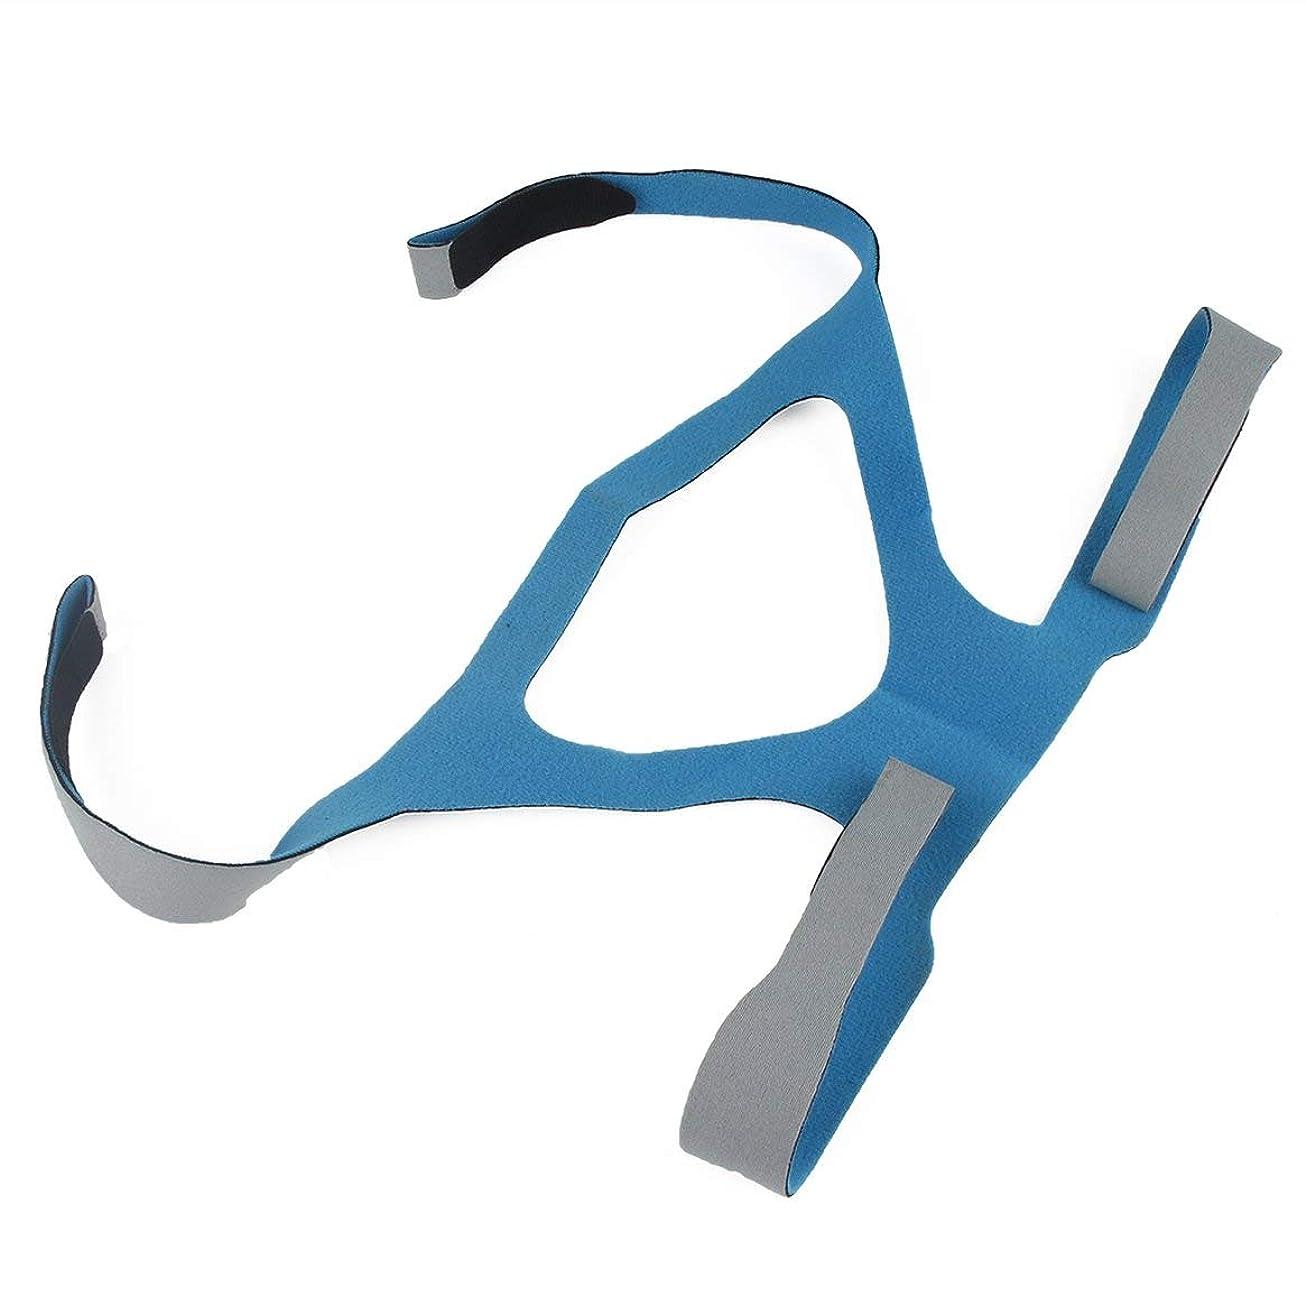 考案する骨端ユニバーサルデザインヘッドギアコンフォートゲルフルマスク安全な環境交換CPAPヘッドバンドマスクなしPHILPS(グレー&ブルー)